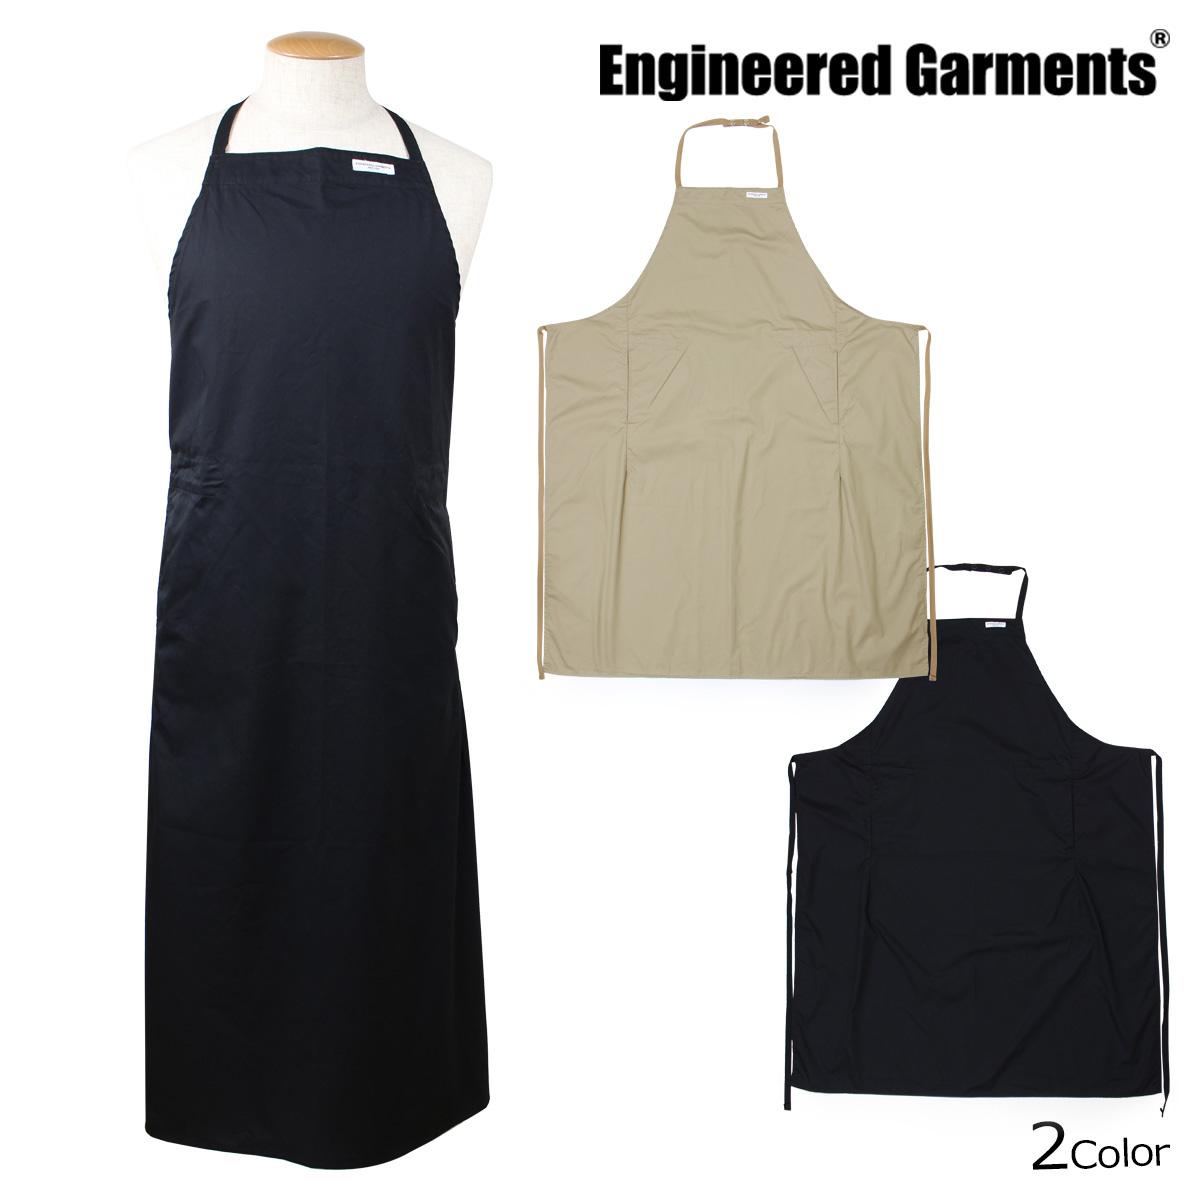 ENGINEERED GARMENTS NEW LONG APRON エンジニアドガーメンツ エプロン 大きいサイズ レディース メンズ ブラック カーキ